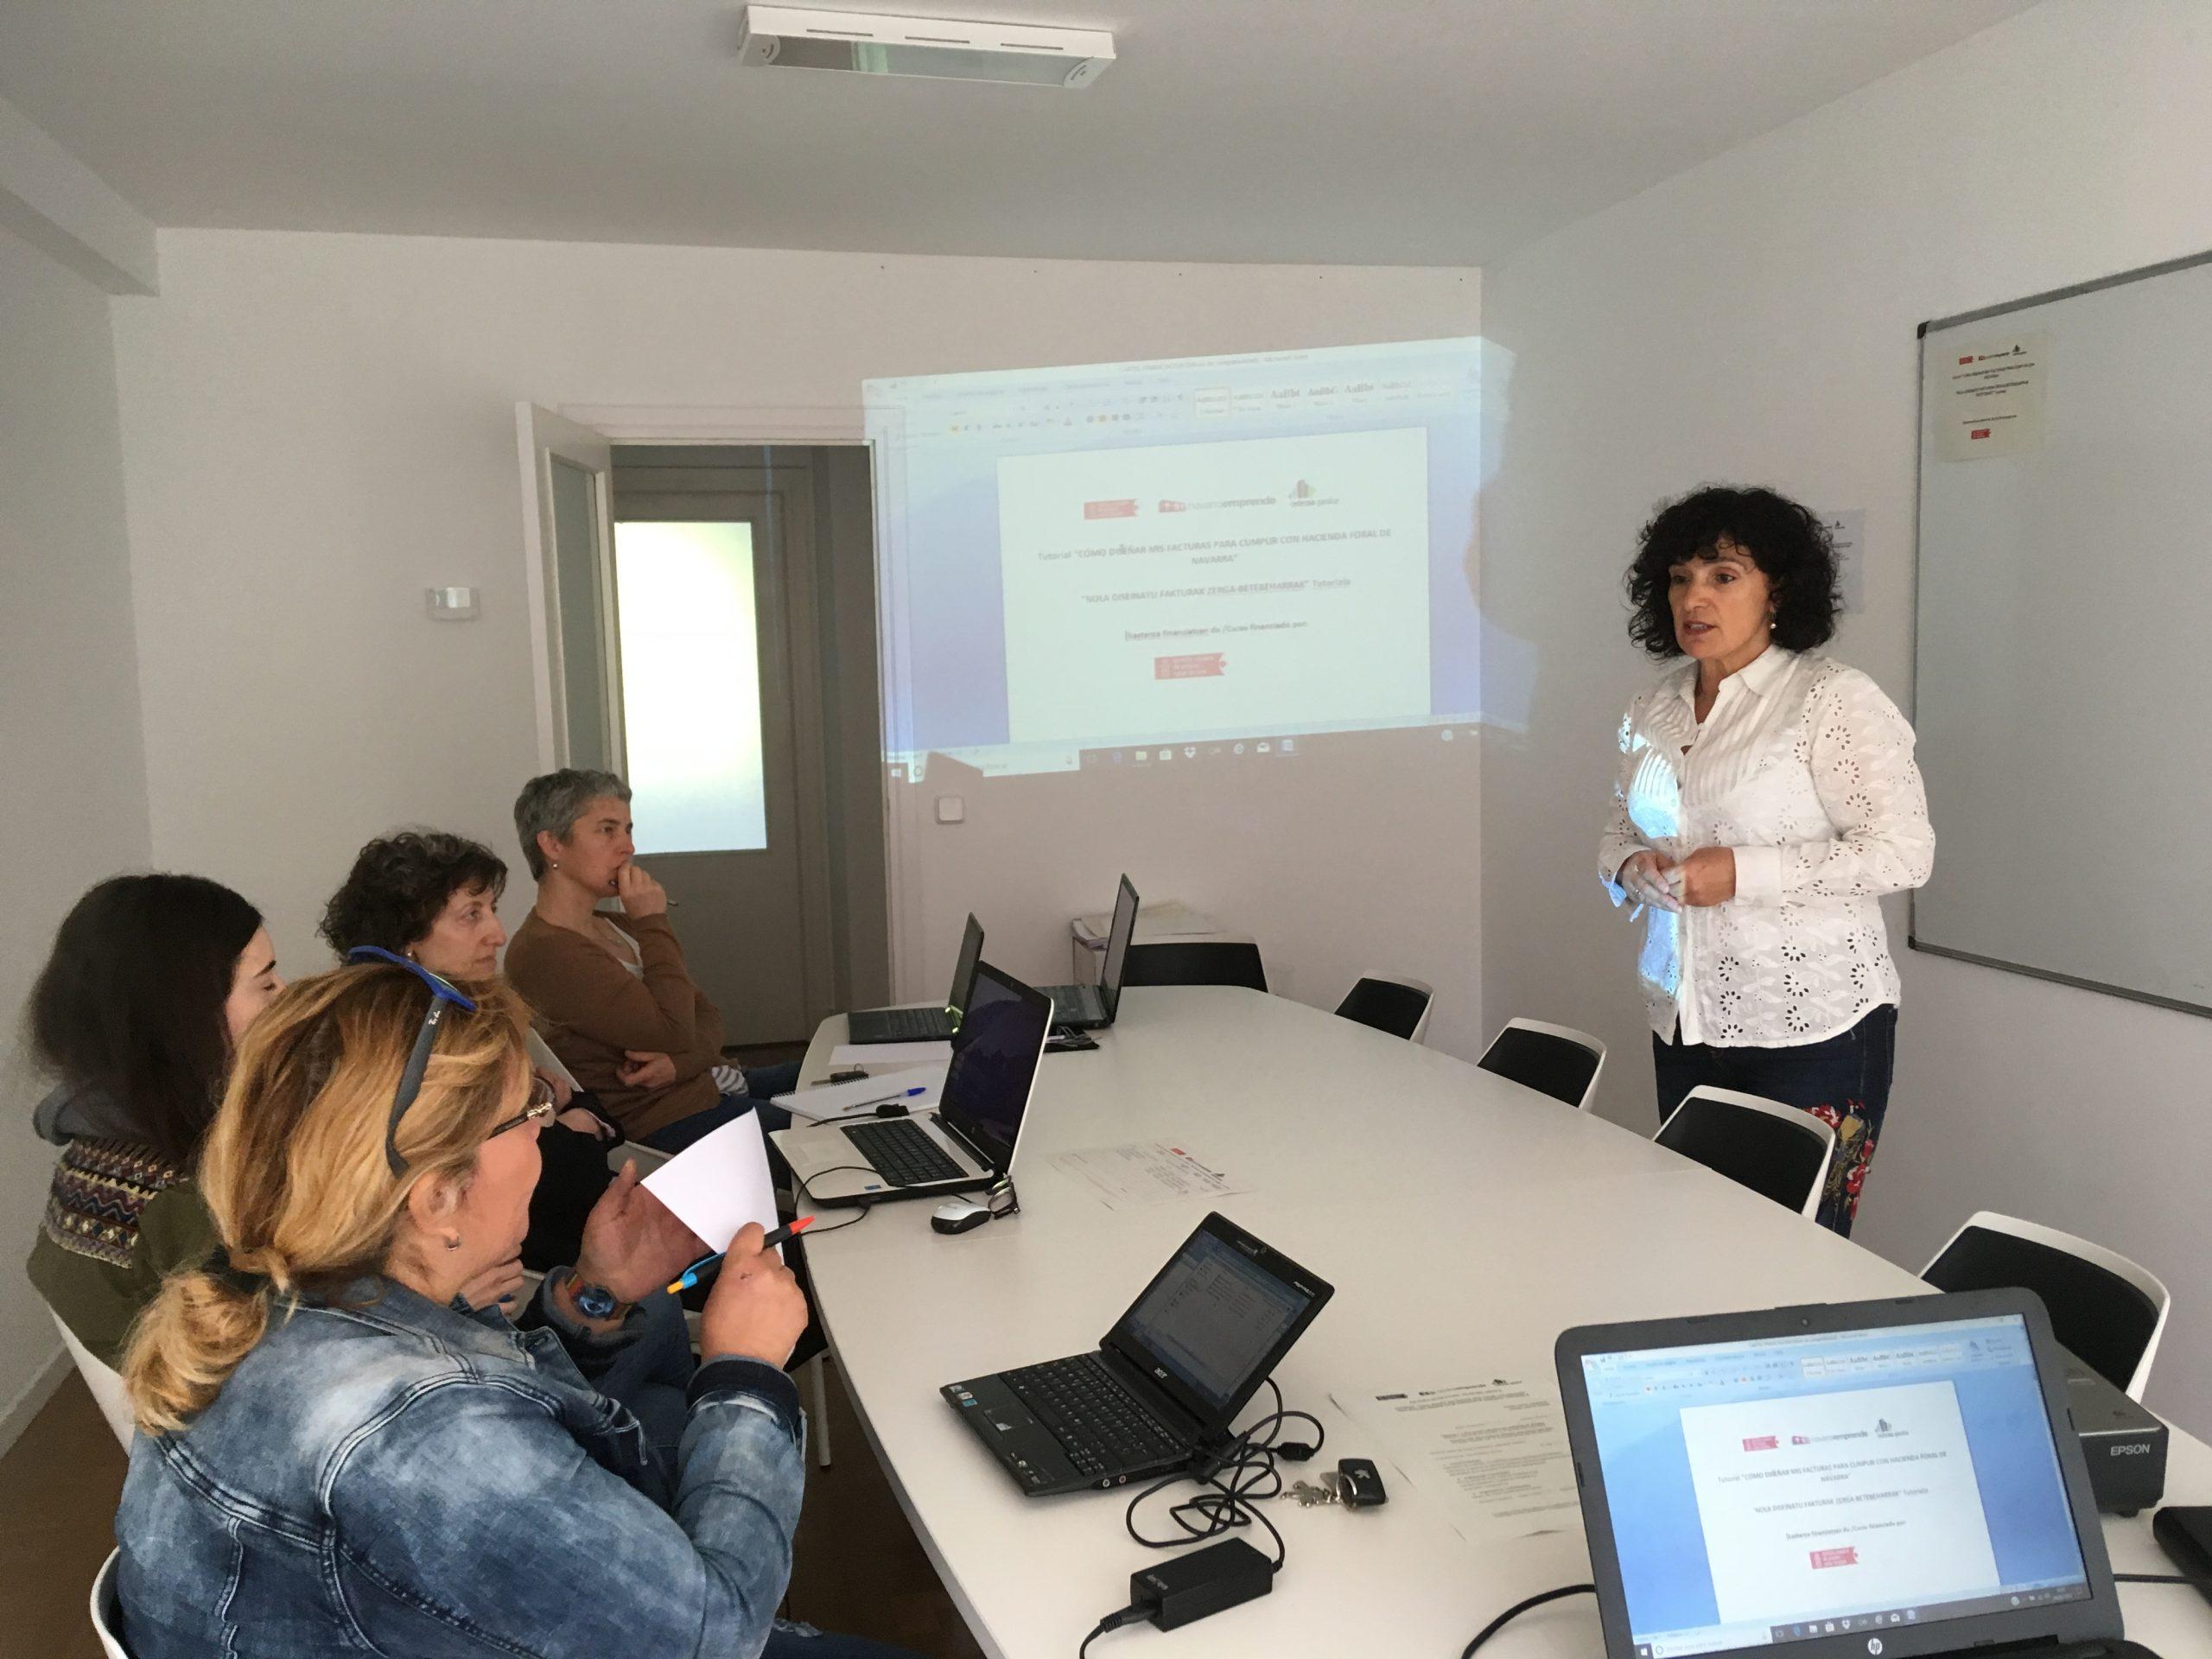 CEDERNA GARALUR apoya a 108 personas emprendedoras que han puesto en marcha 41 empresas en la Montaña de Navarra en el primer semestre de 2018